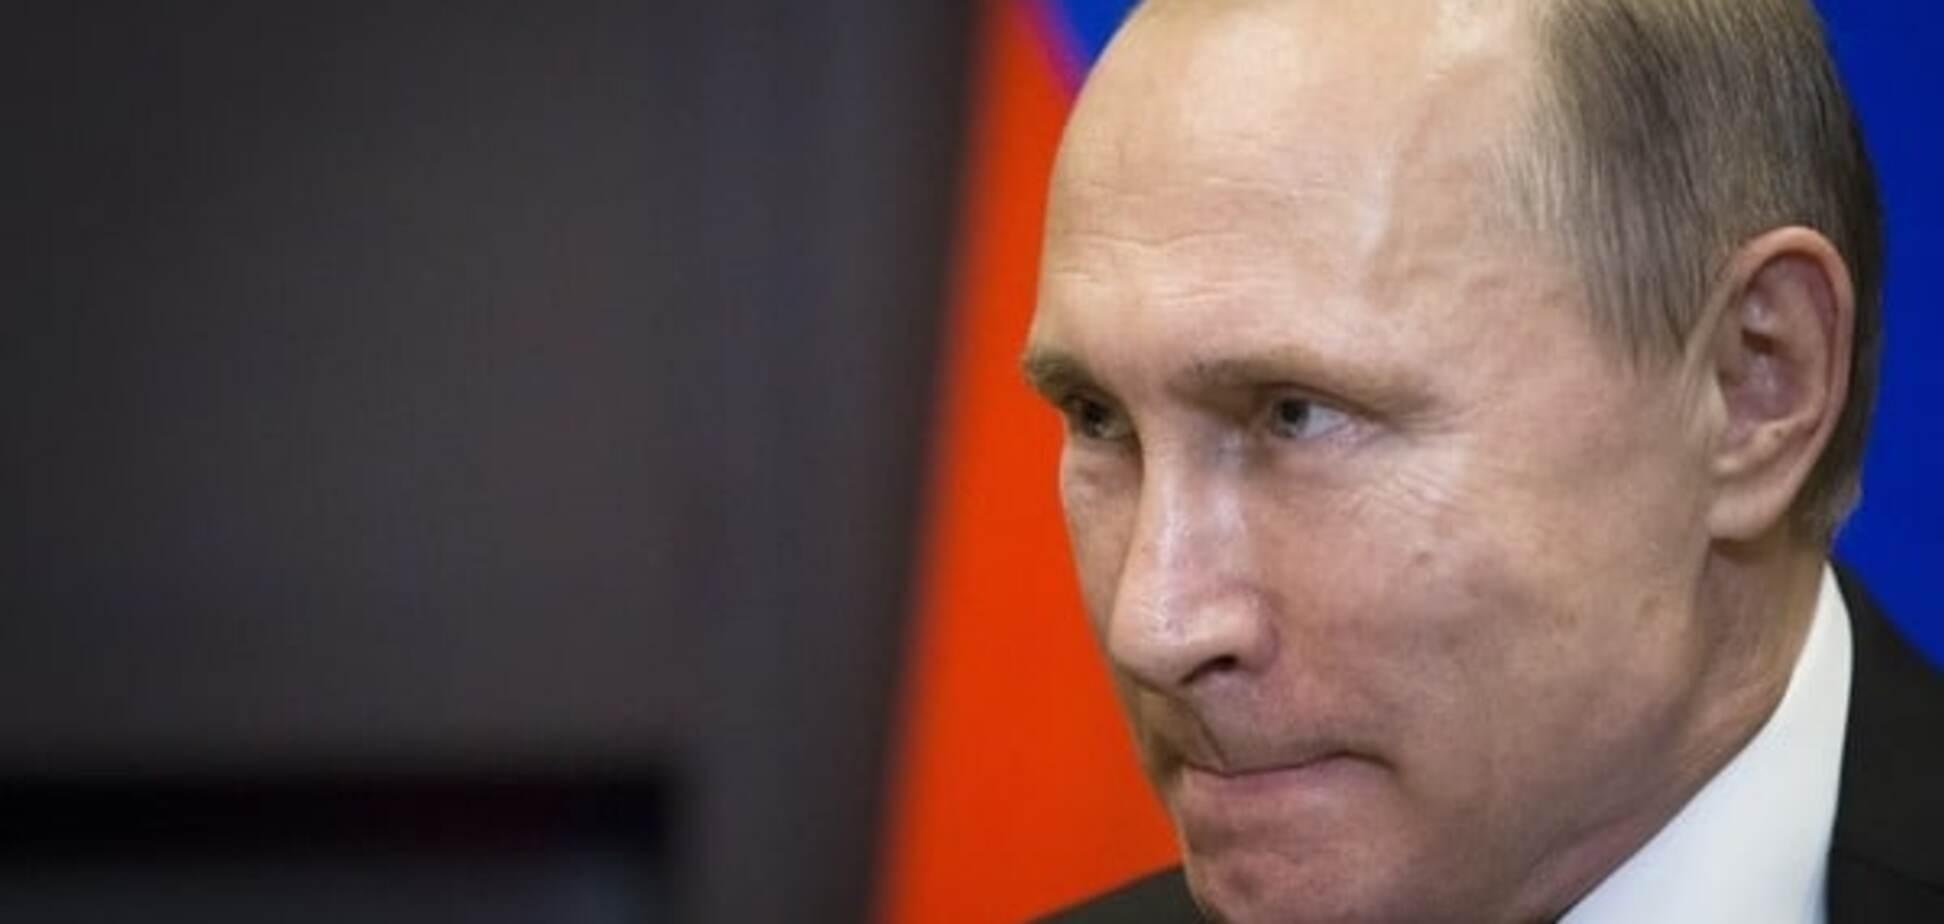 Путін тримає Україну під контролем завдяки Донбасу - Гавриш